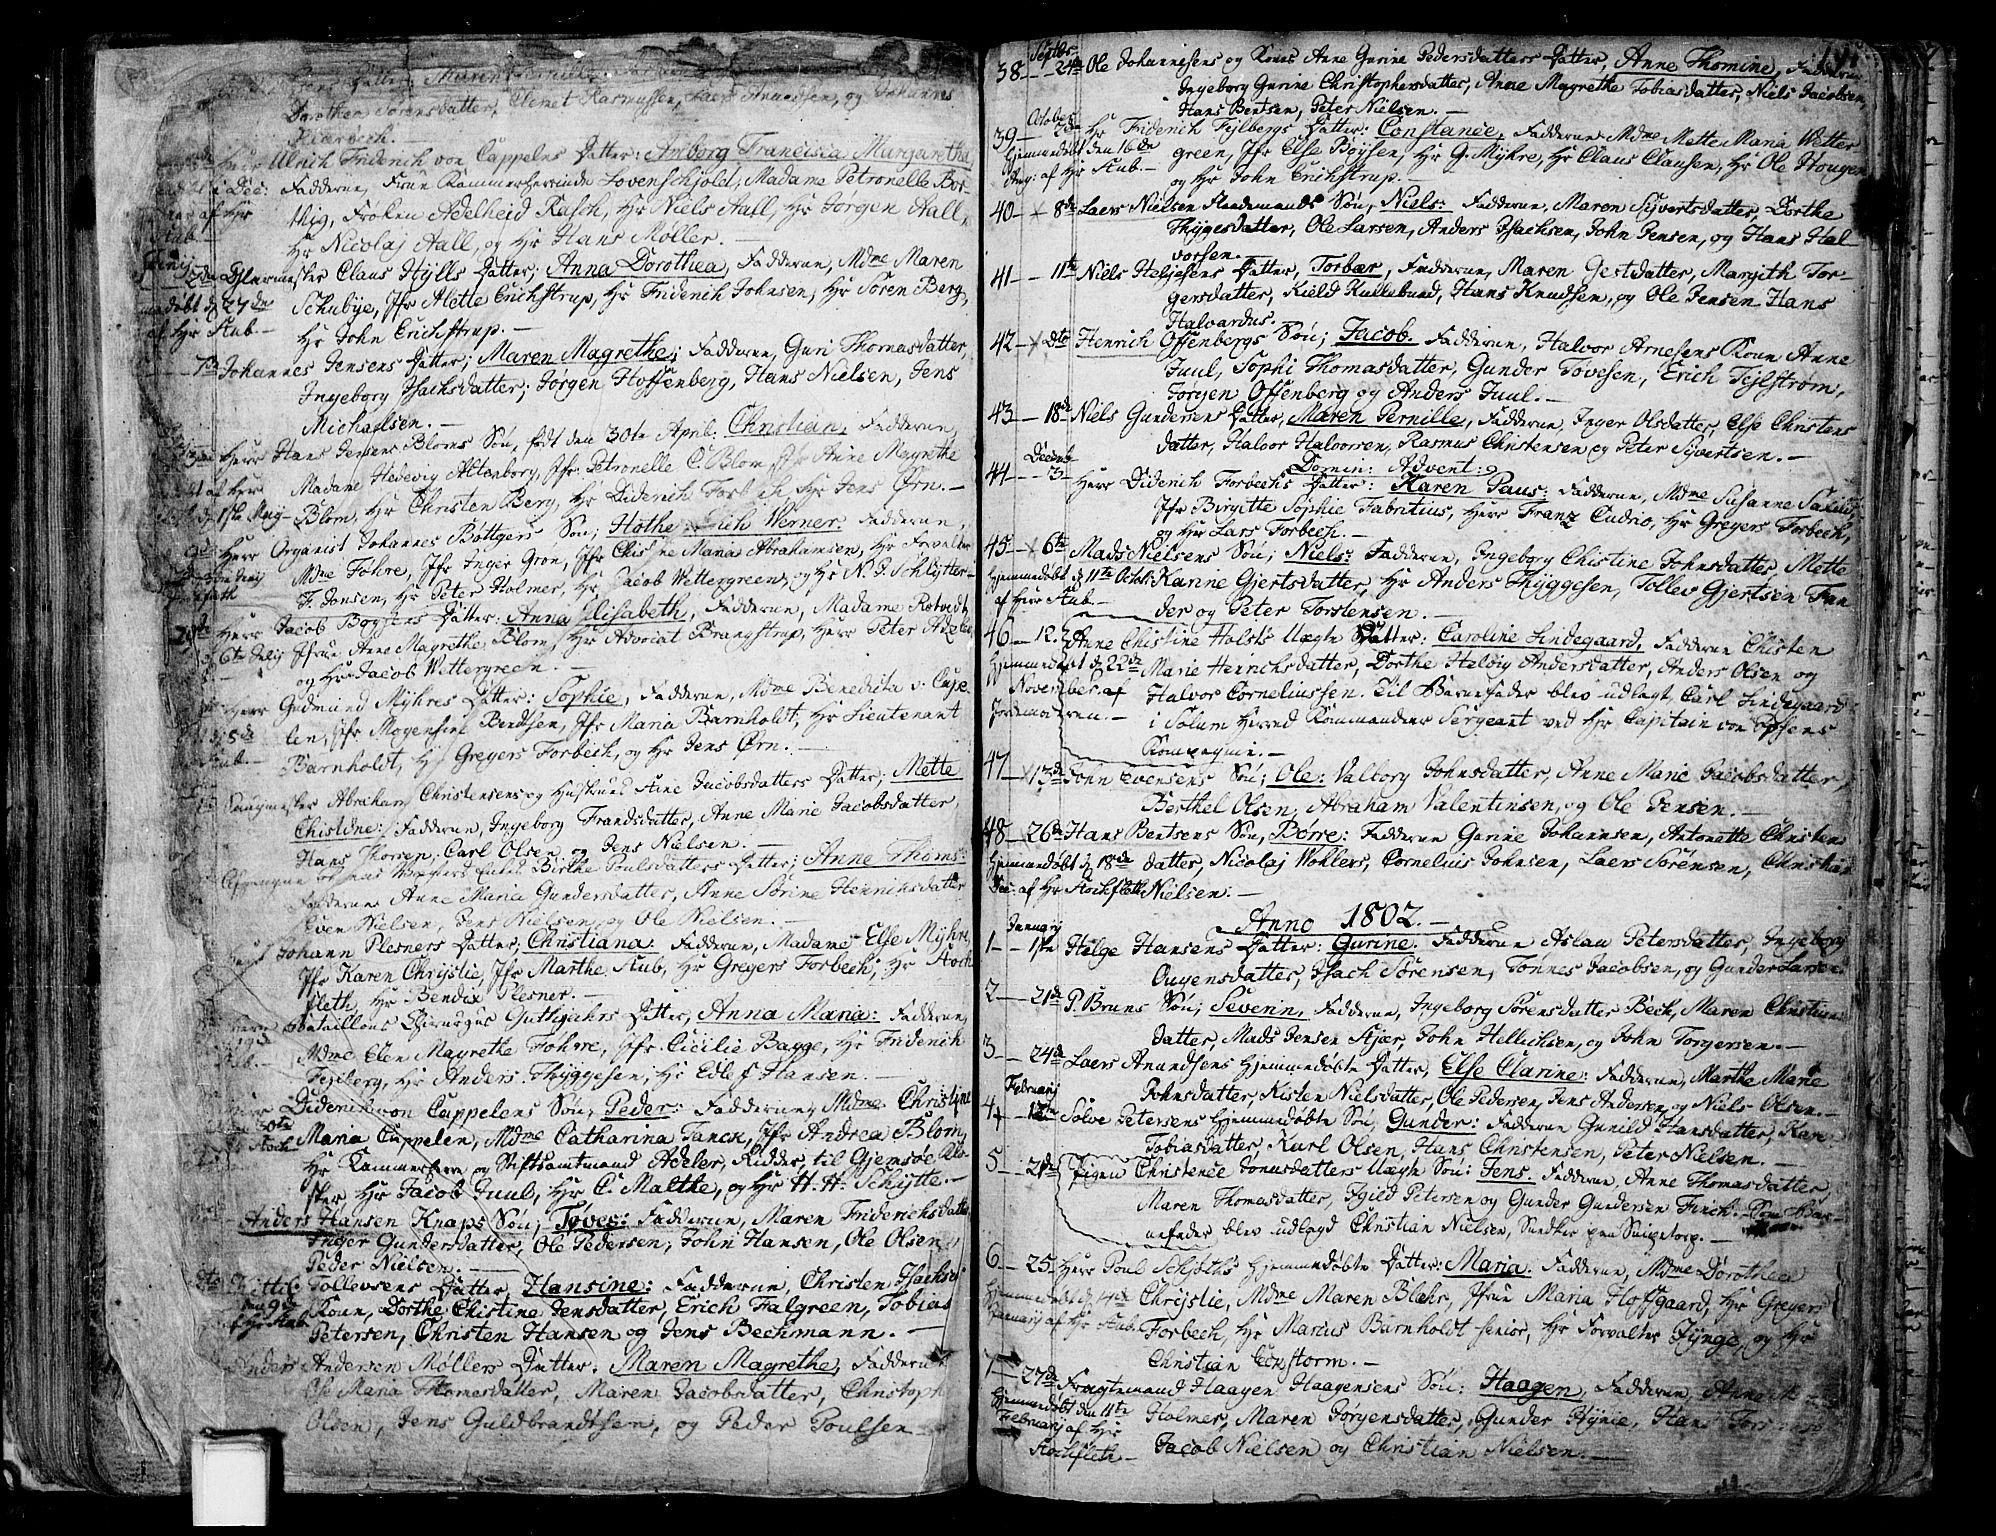 SAKO, Skien kirkebøker, F/Fa/L0004: Ministerialbok nr. 4, 1792-1814, s. 190-191